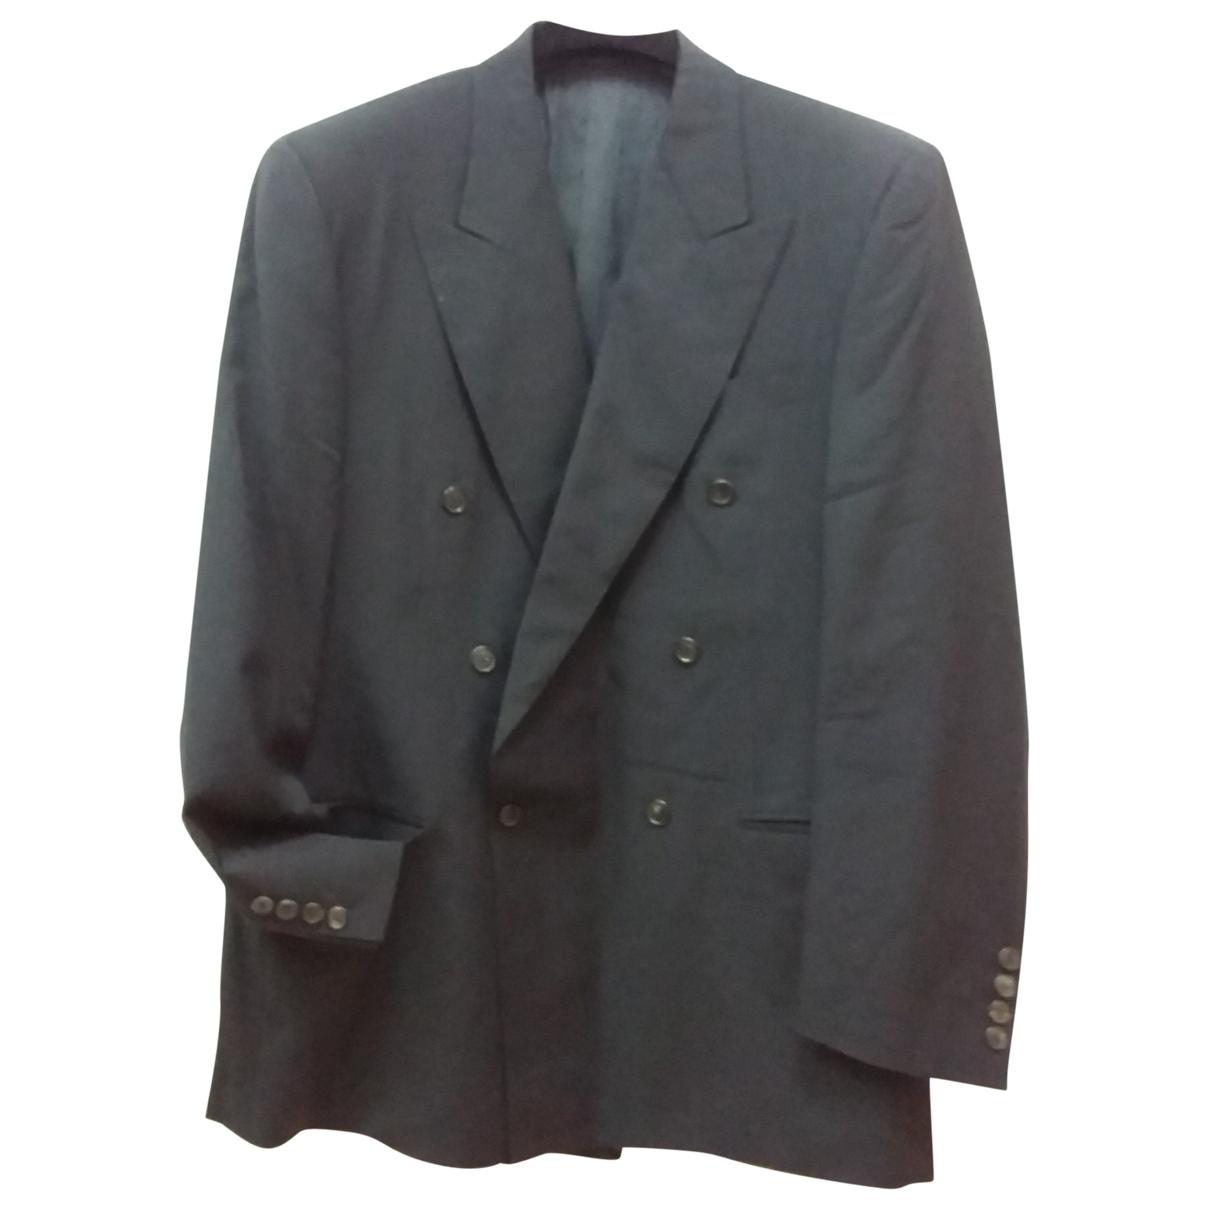 Gianfranco Ferre - Vestes.Blousons   pour homme en laine - noir